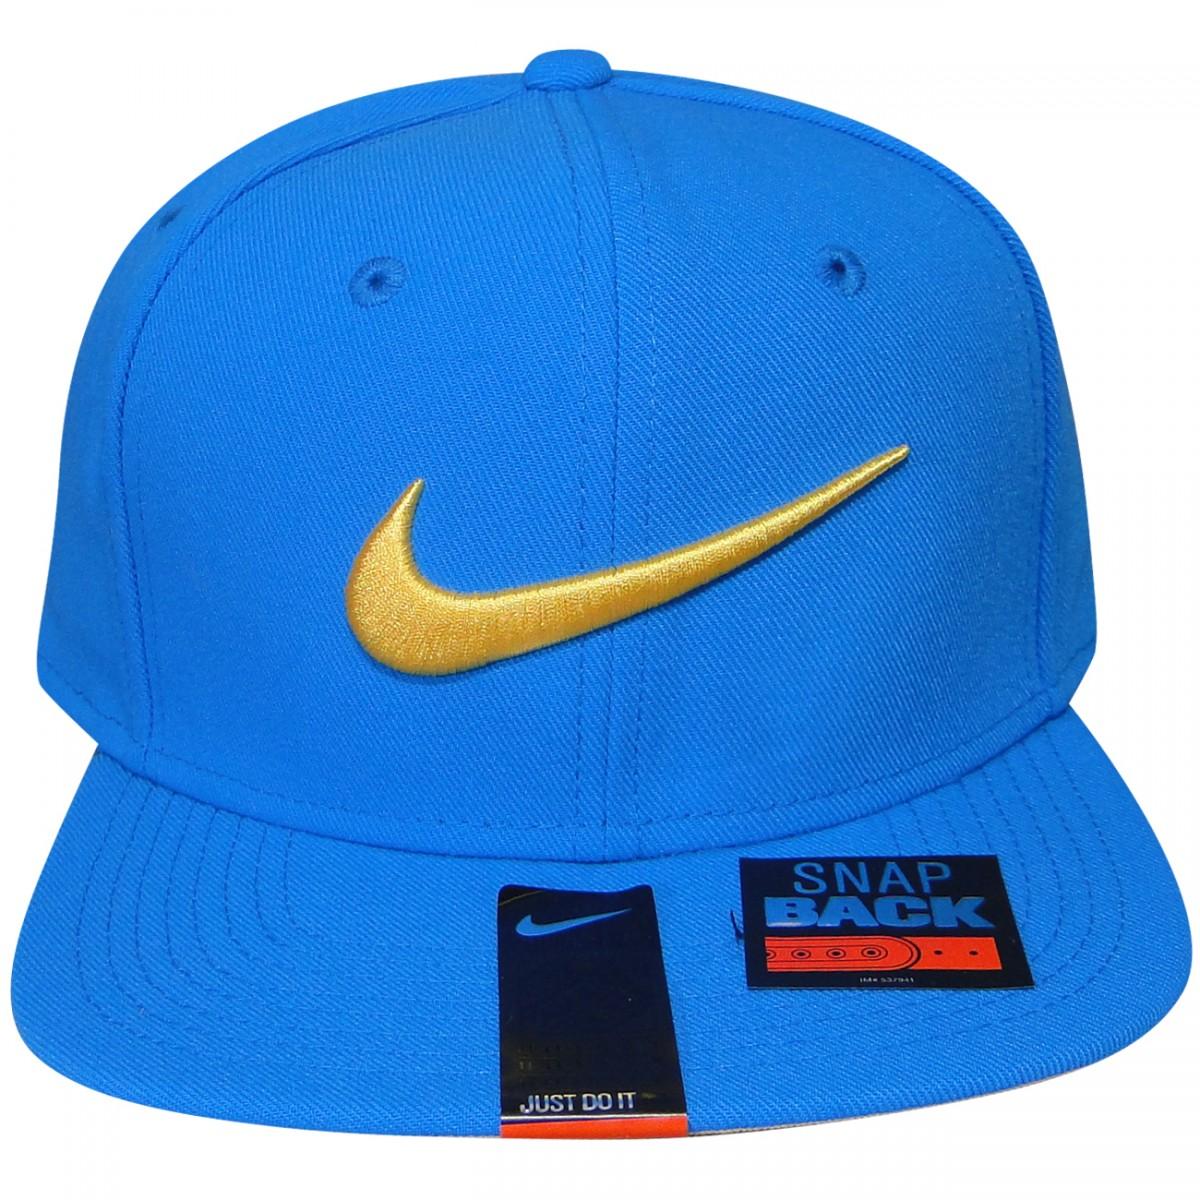 Bone Nike 639534 639534 408 - Azul Amarelo - Chuteira Nike f9f3e4e8ff4